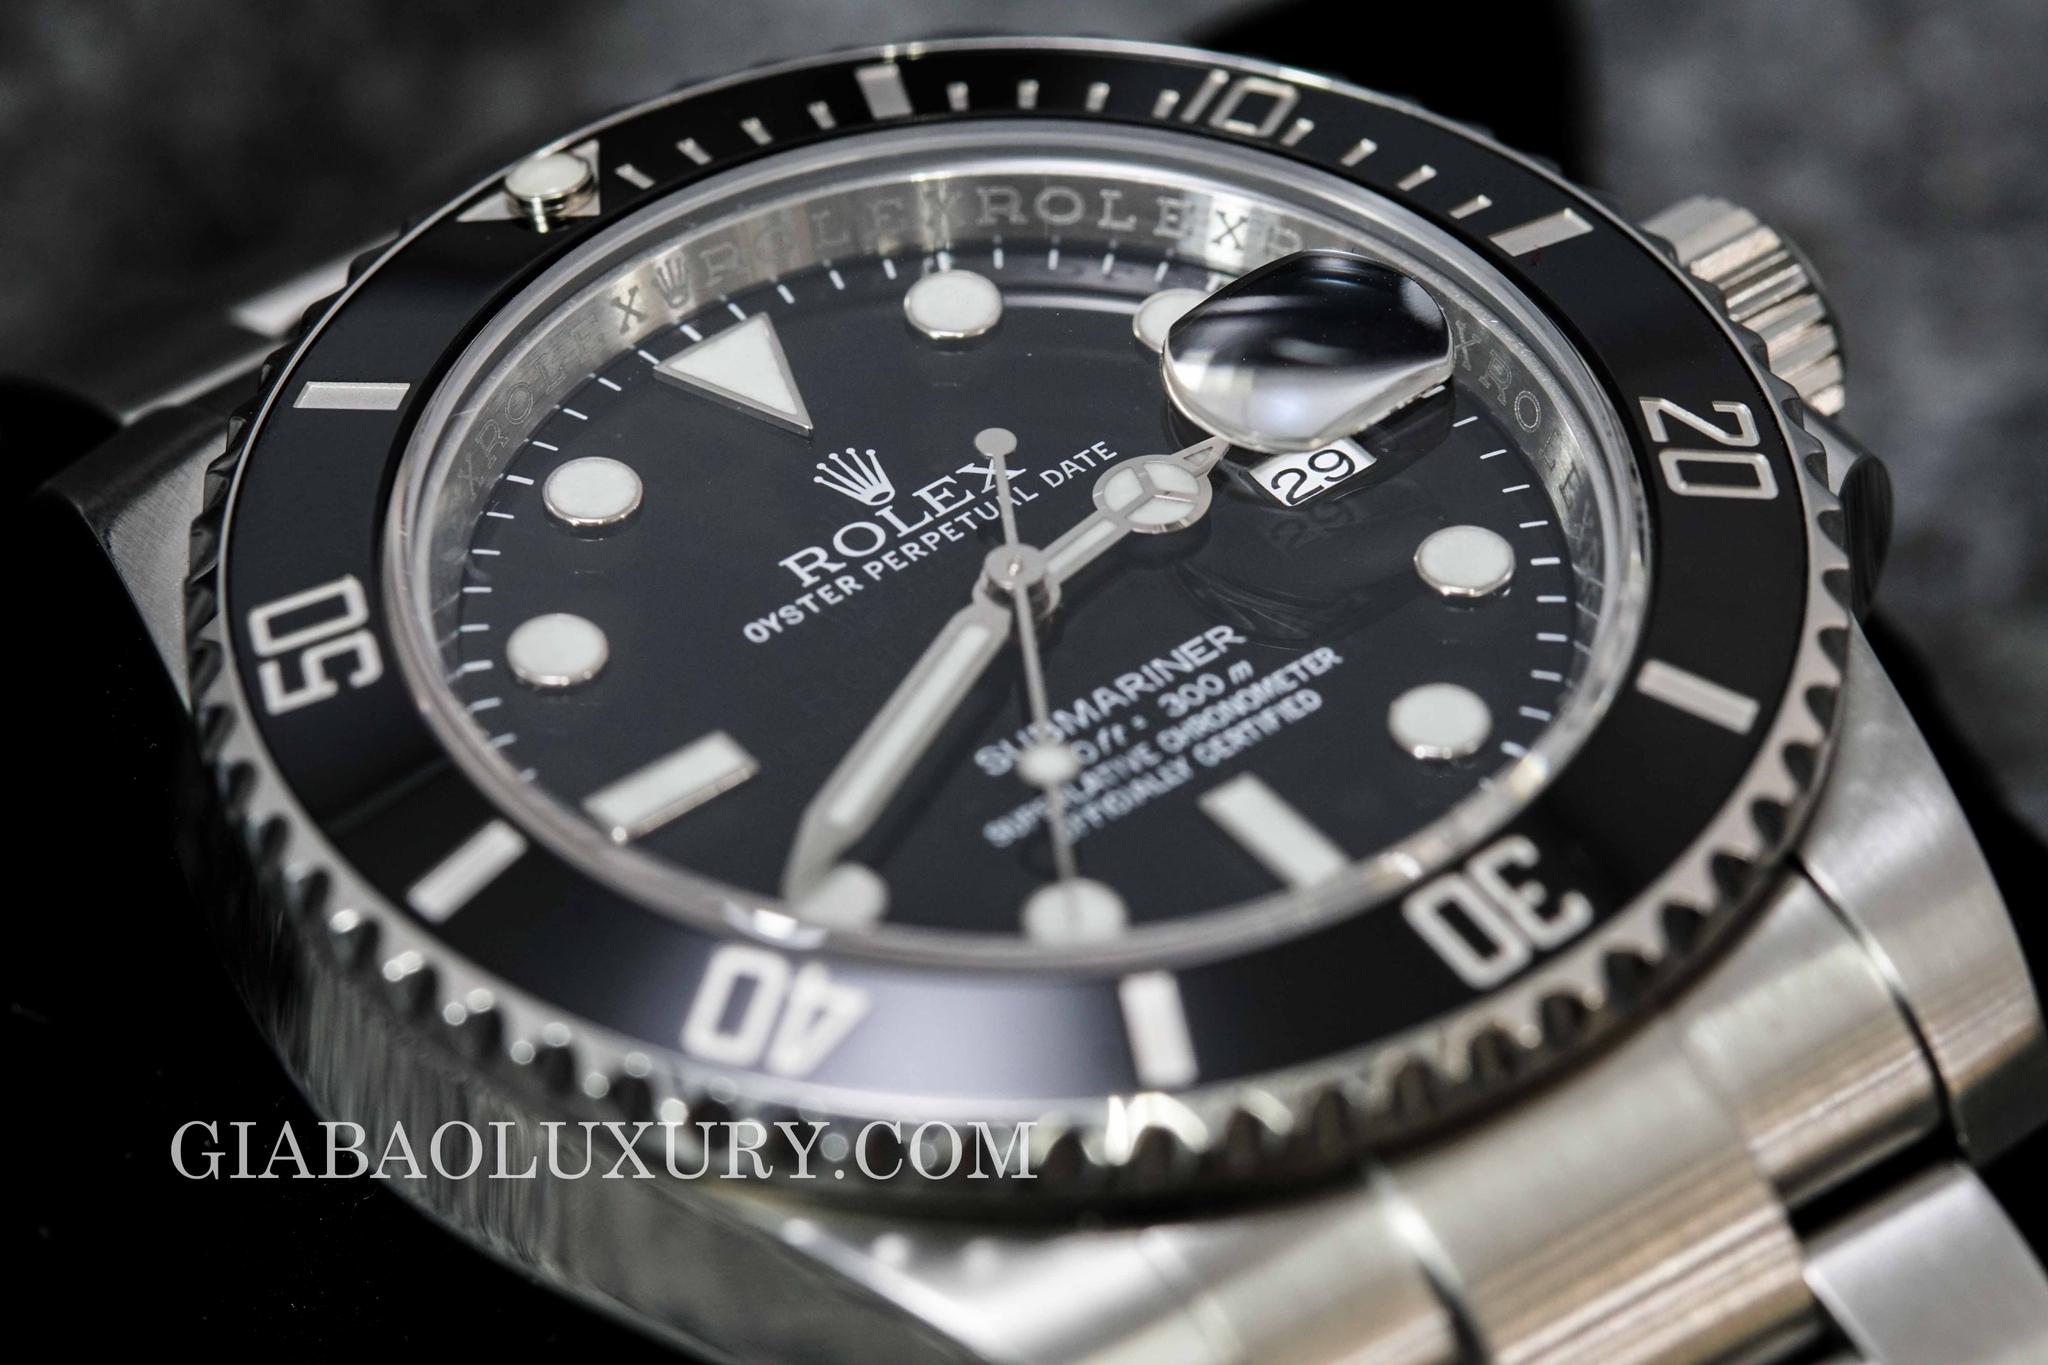 đồng hồ rolex submariner date 116610